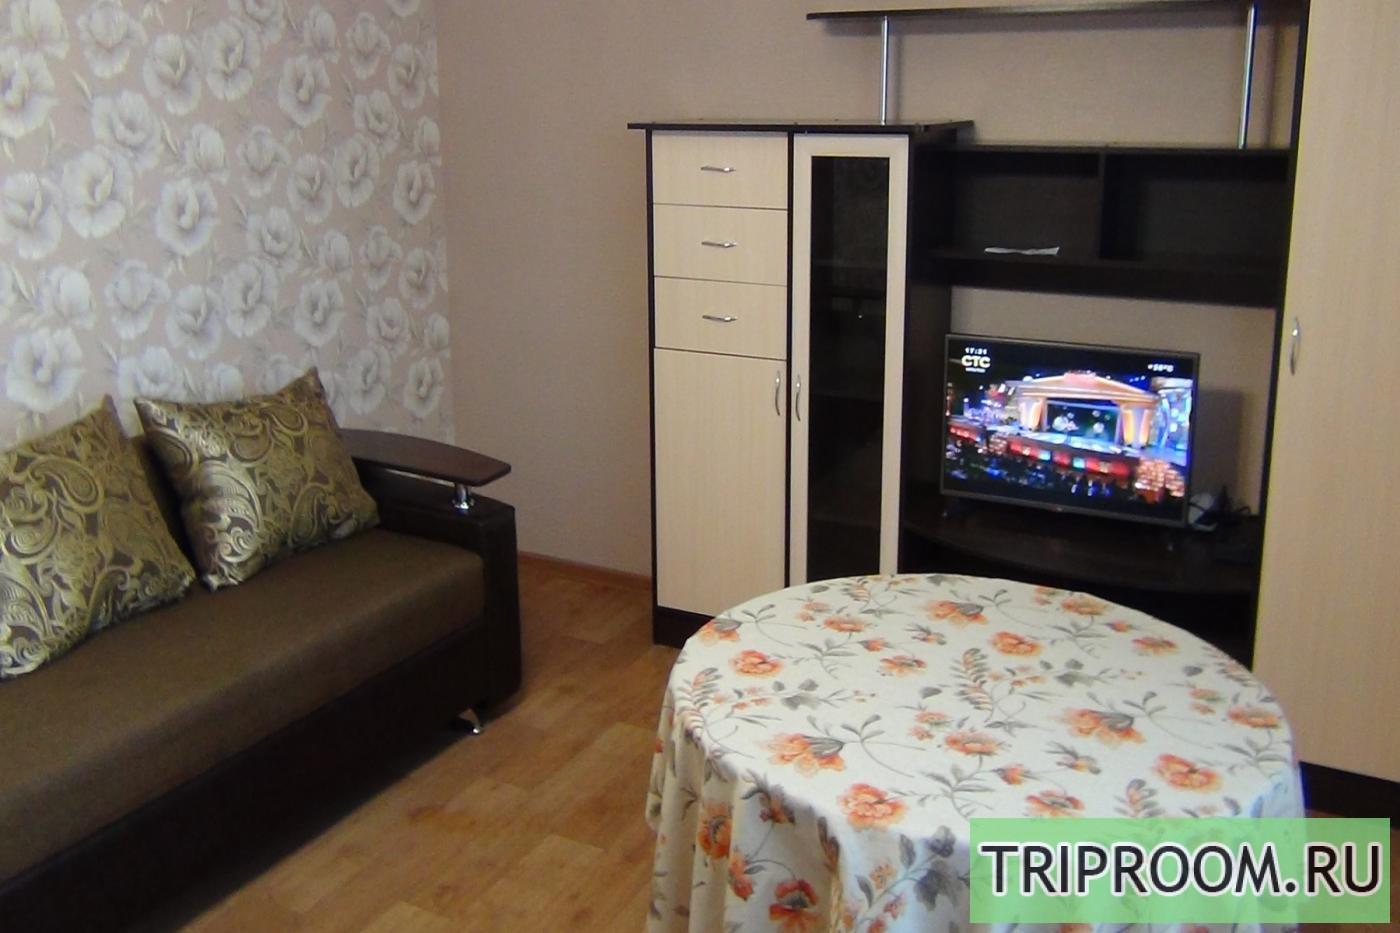 2-комнатная квартира посуточно (вариант № 2611), ул. Байкальская улица, фото № 1